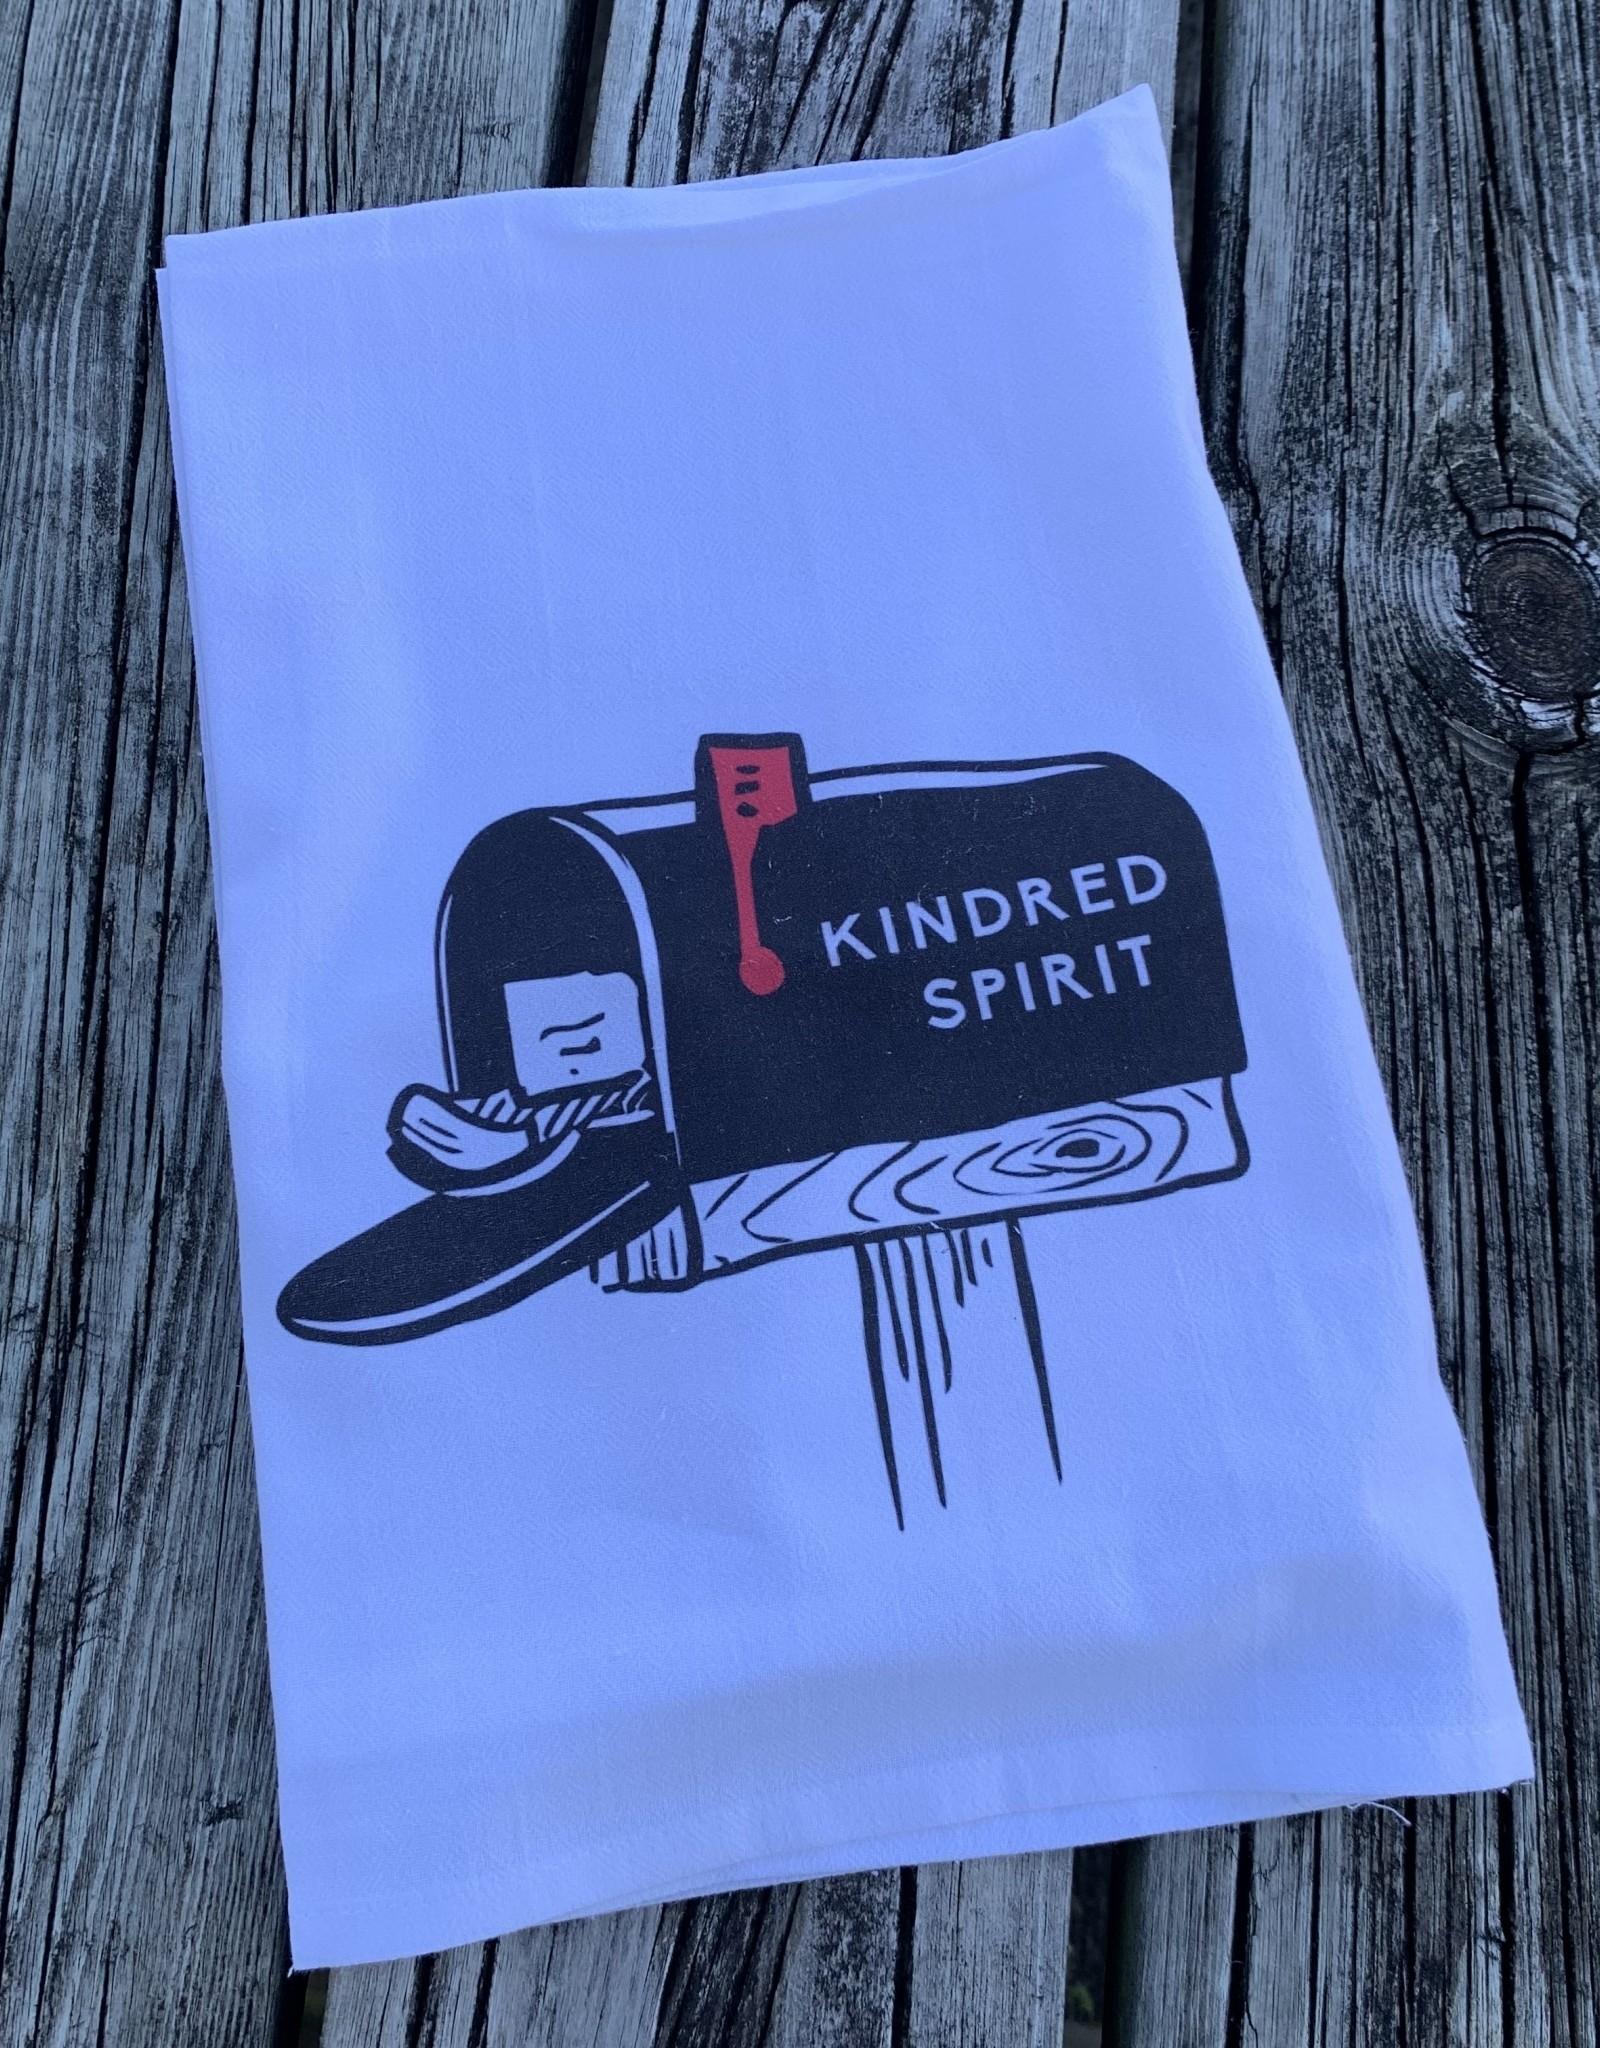 KINDRED SPIRIT DISH TOWEL SIMPLE KINDRED SPIRIT